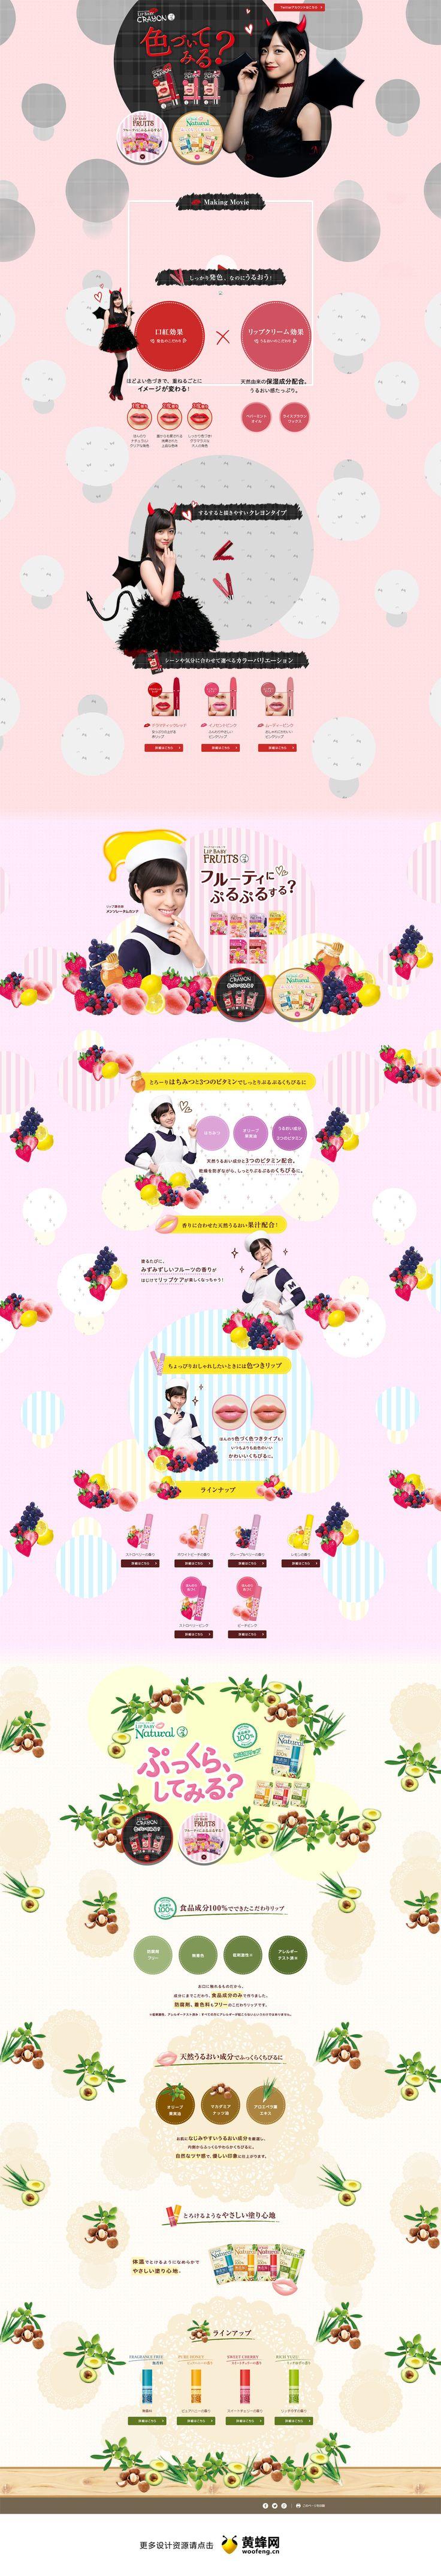 唇彩商品专题设计,来源自黄蜂网http://woofeng.cn/